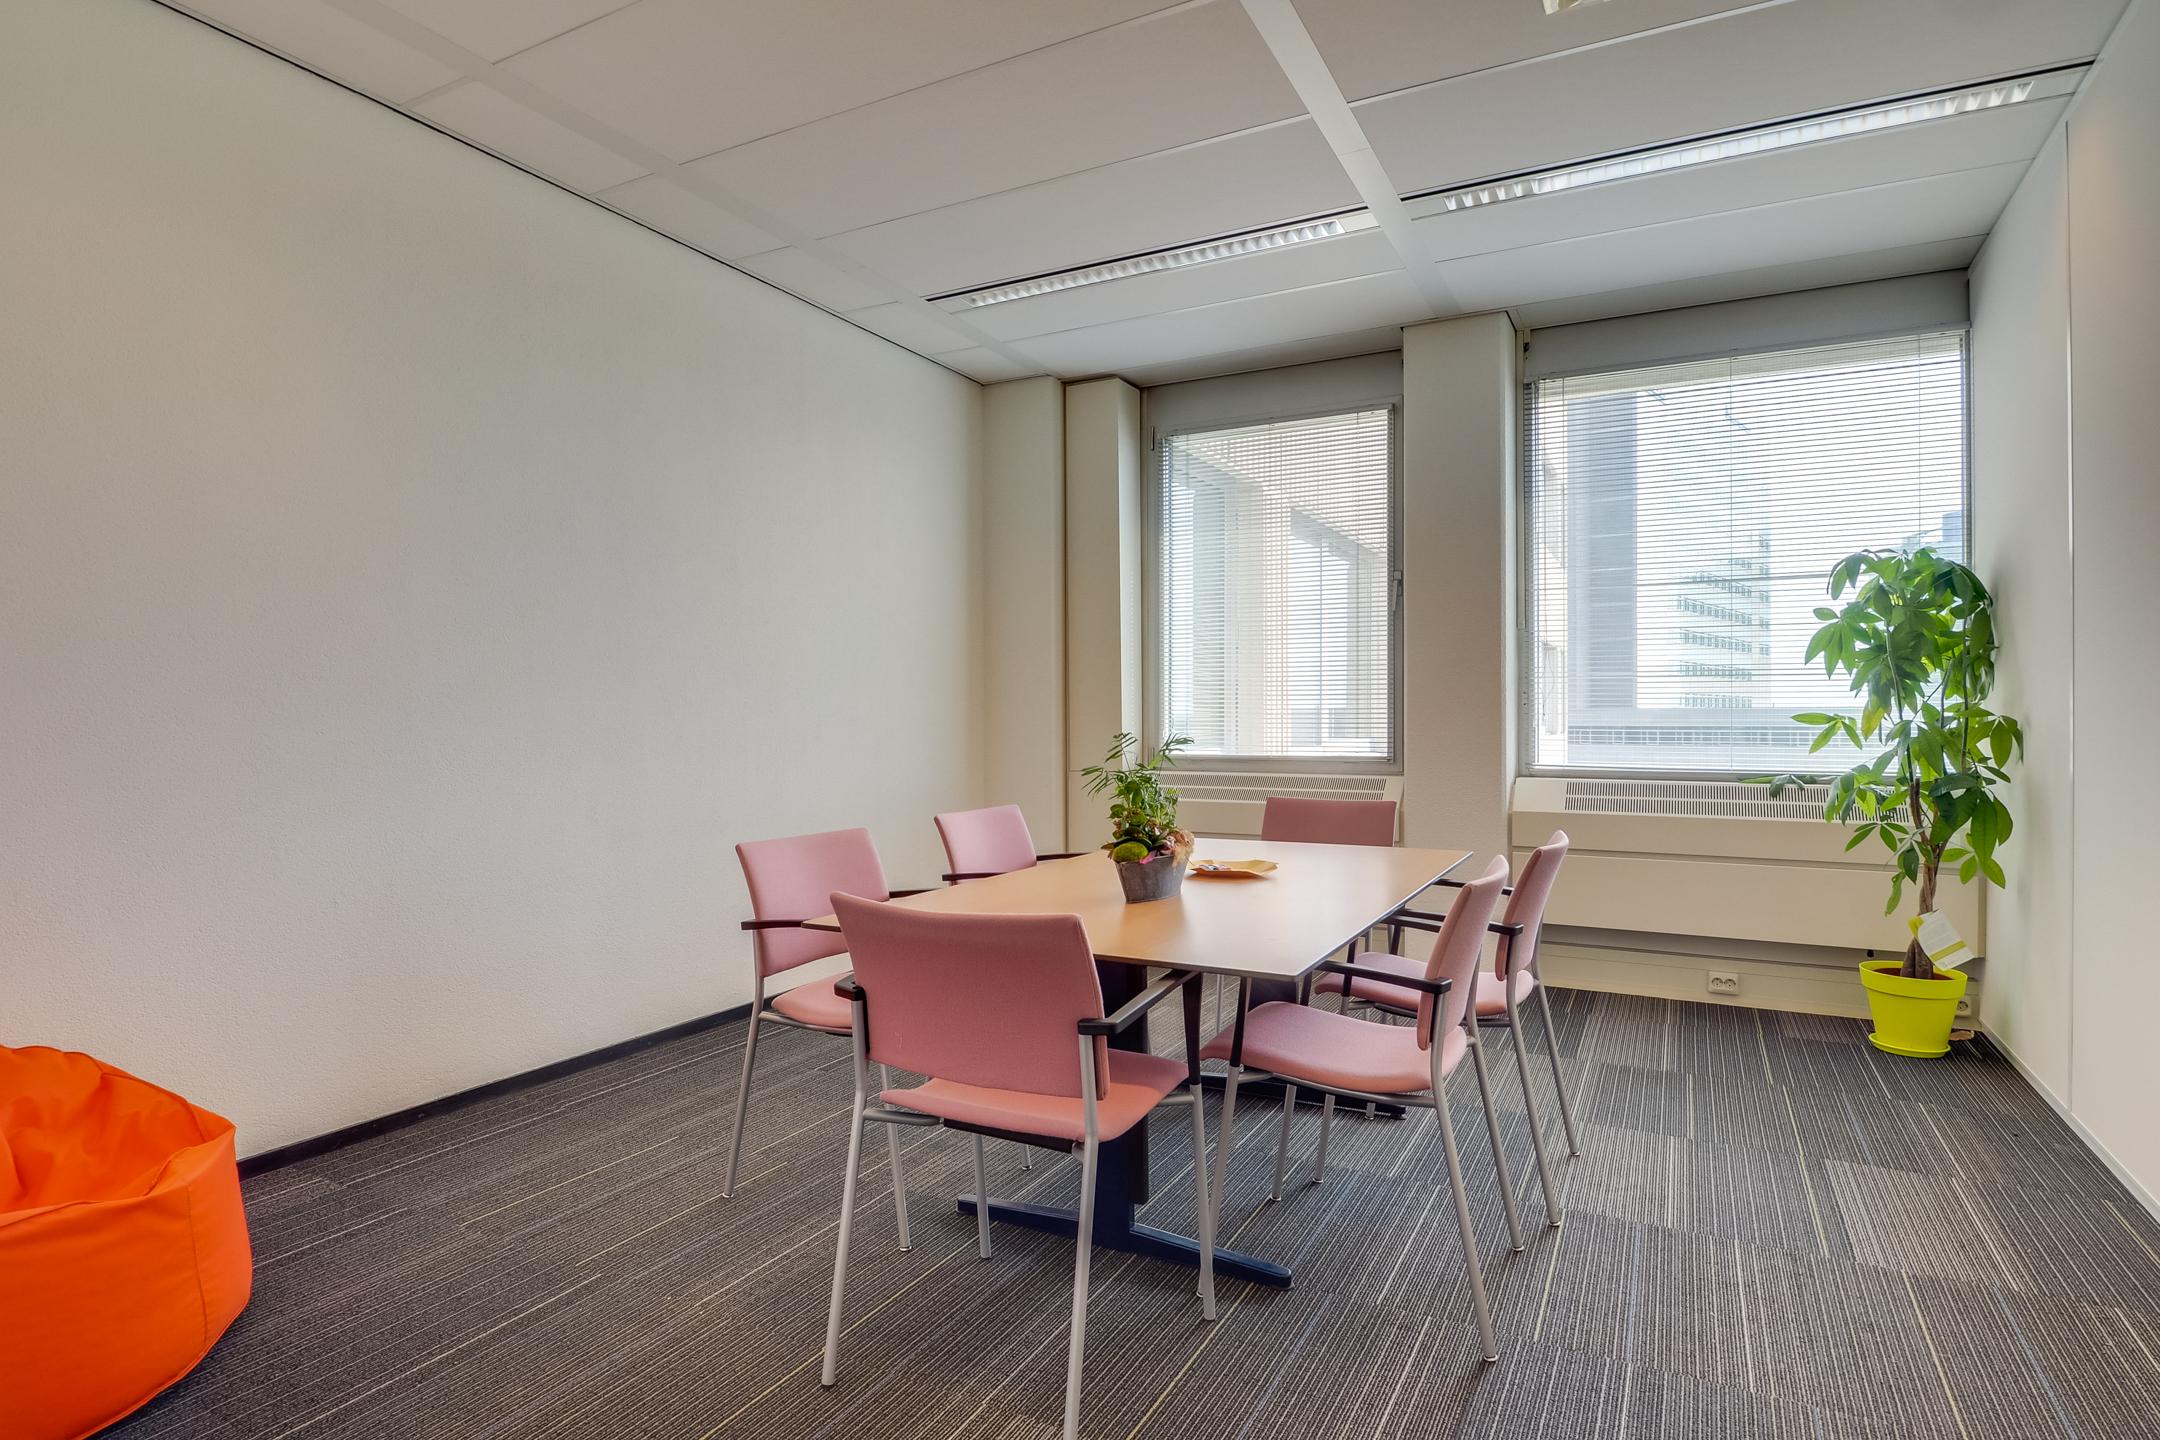 Europalaan 400 kantoorruimte